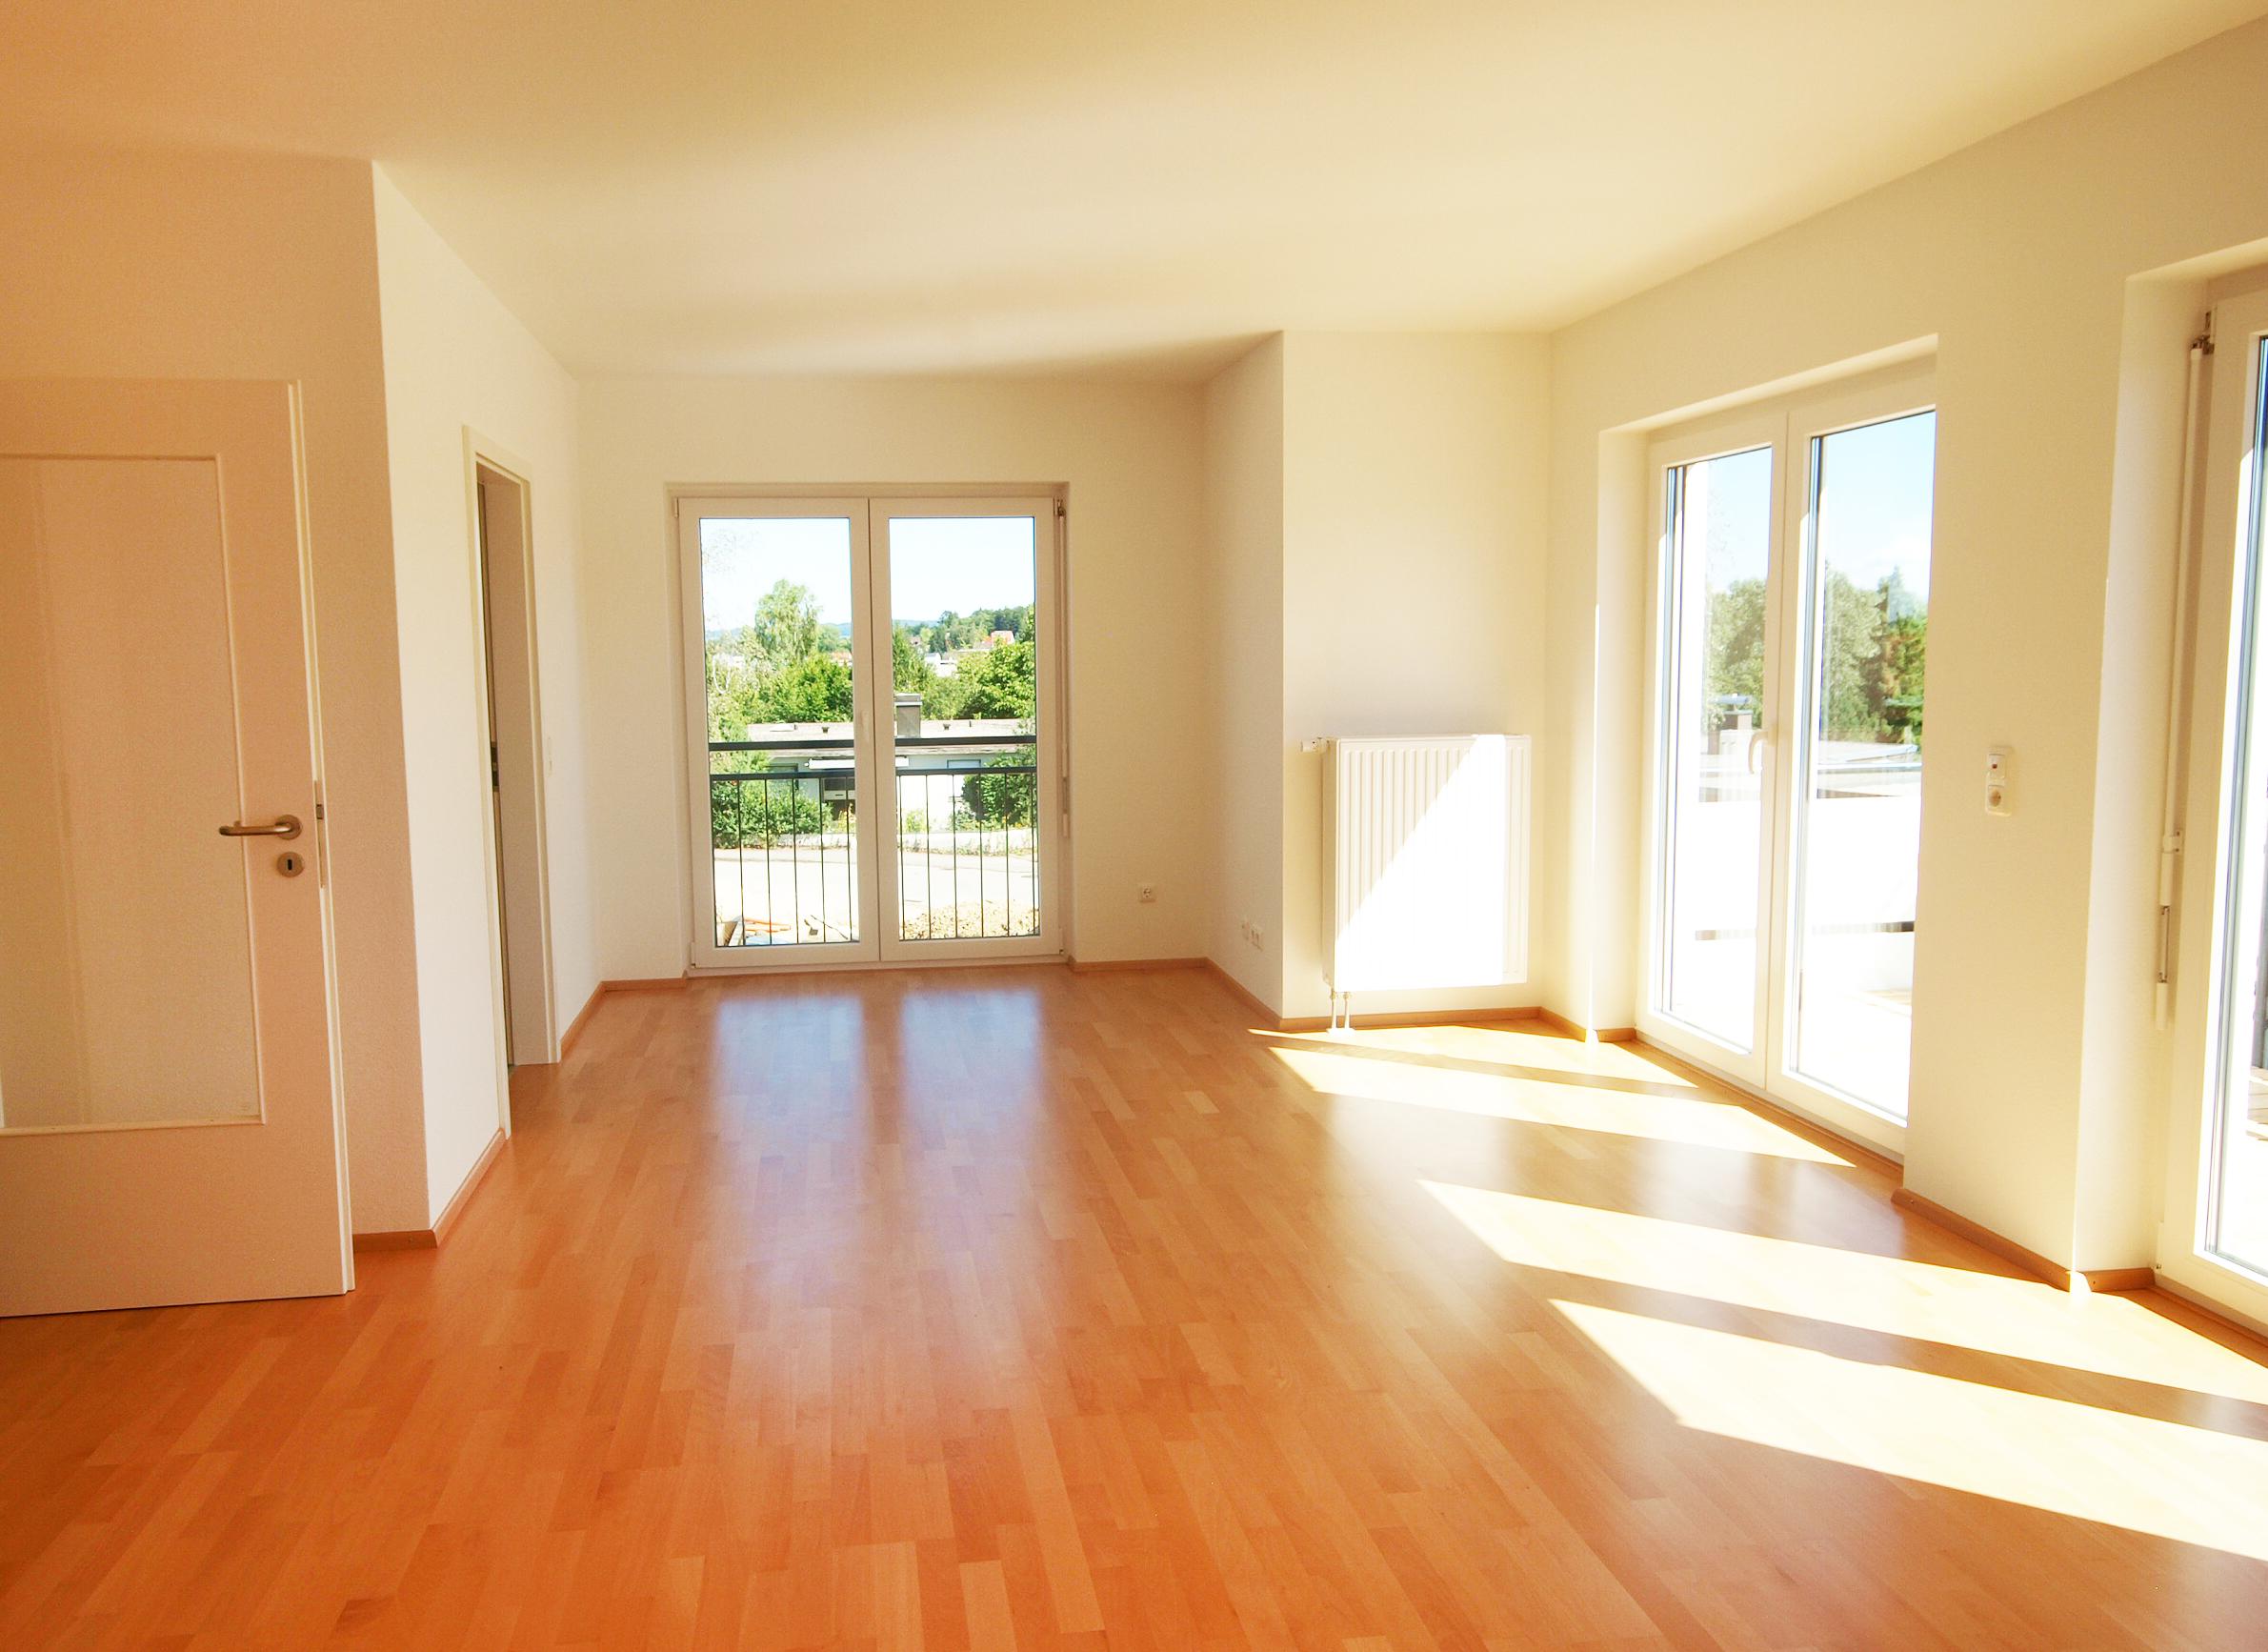 Wohnzimmer_UG.jpg